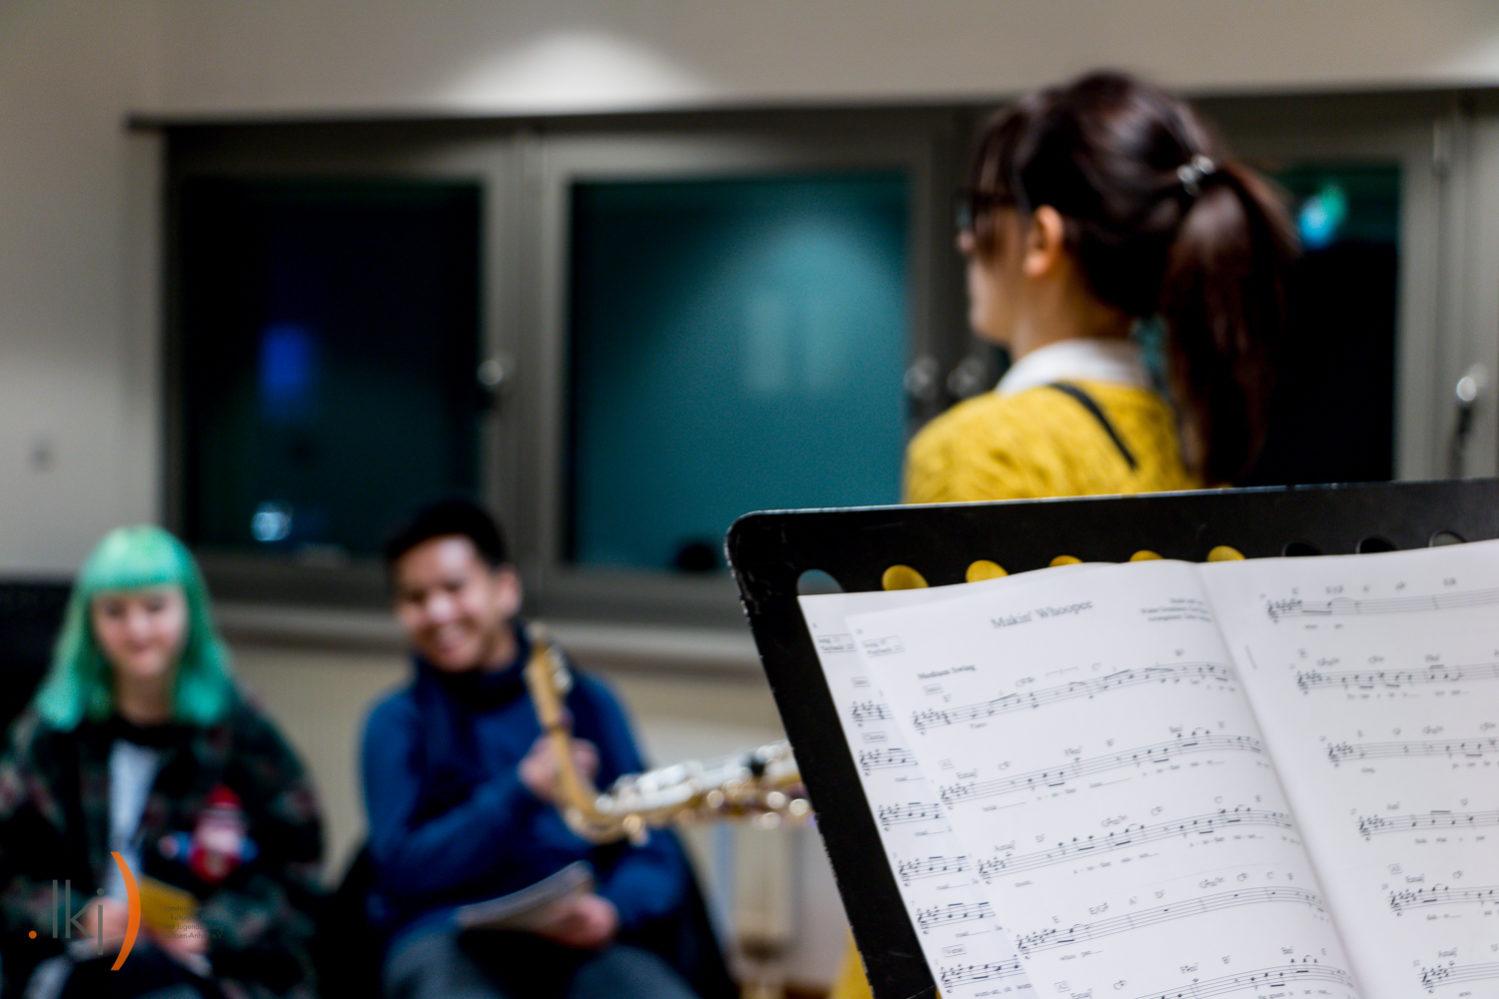 Seminarimpression: Kunst ist nicht überflüssig (Freiwilligendienste Kultur und Bildung 2017/2018)